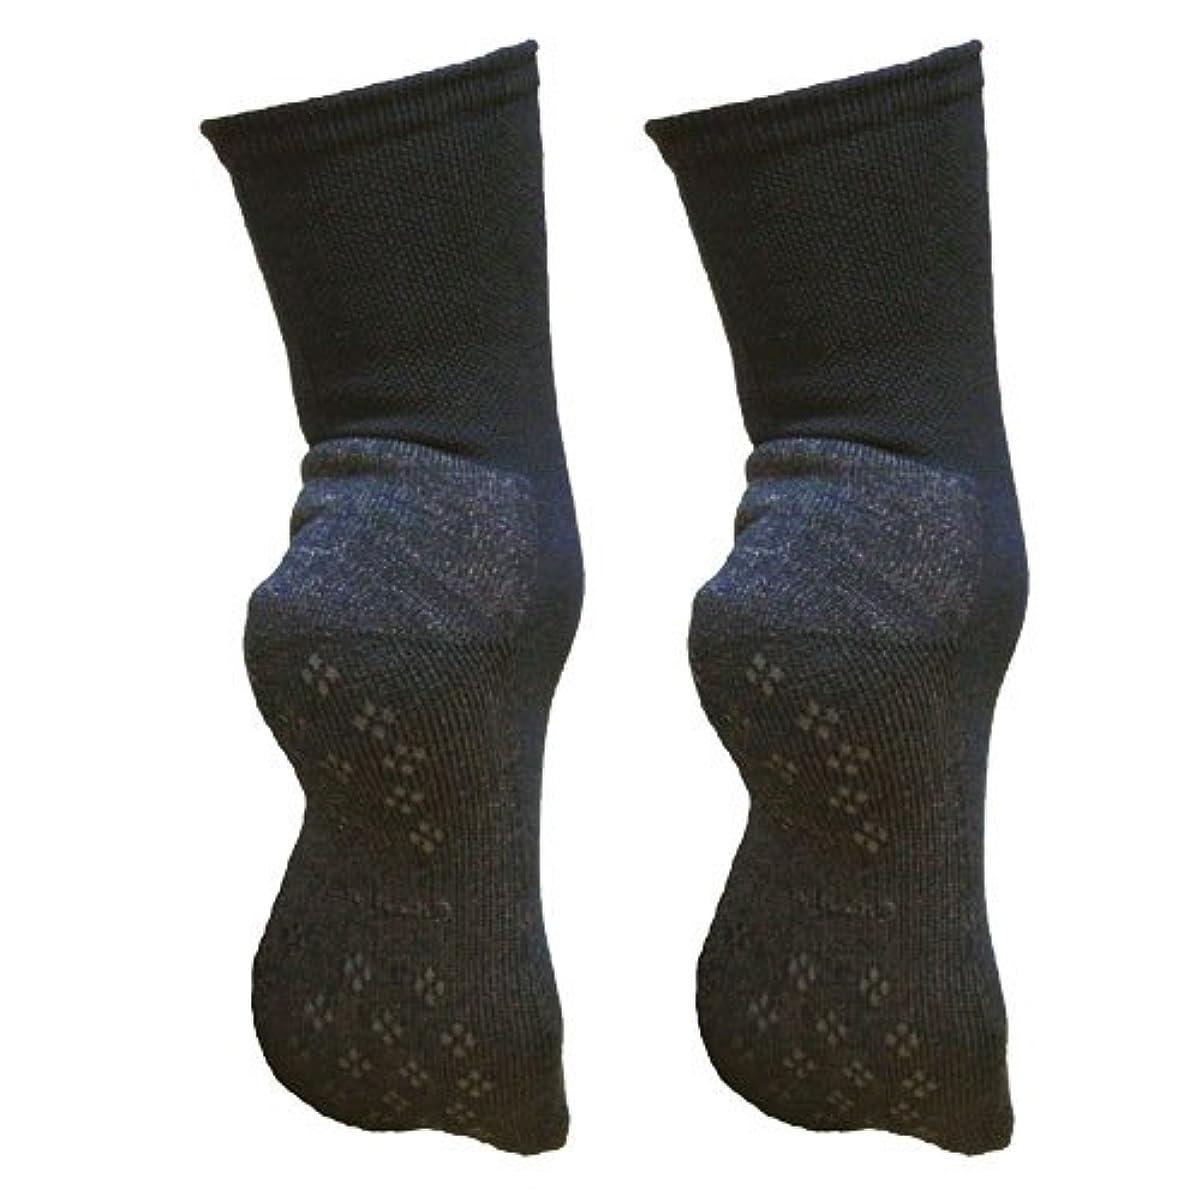 誓う接辞タール銅繊維靴下「足もとはいつも青春」パイルタイプ2足セット 靴底のあたたかさ重視